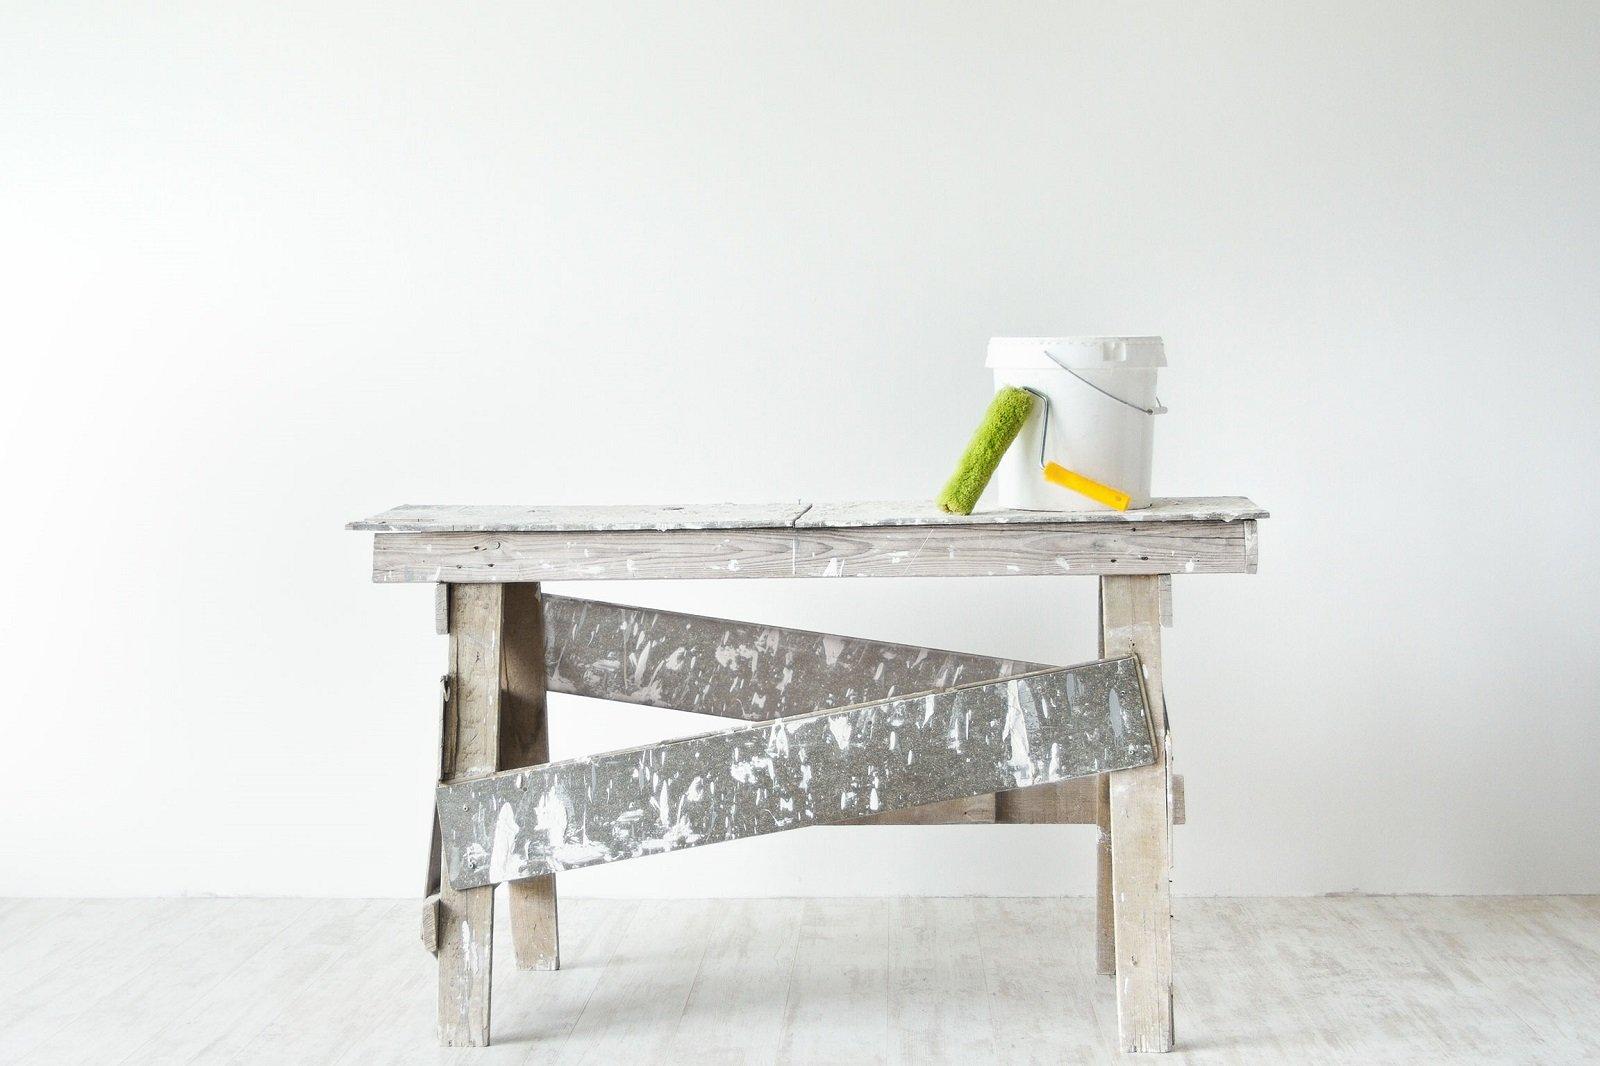 Tavola di lavoro con materiale di vernice, finestra di PVC bianca, radiatore,cartoni nel suolo